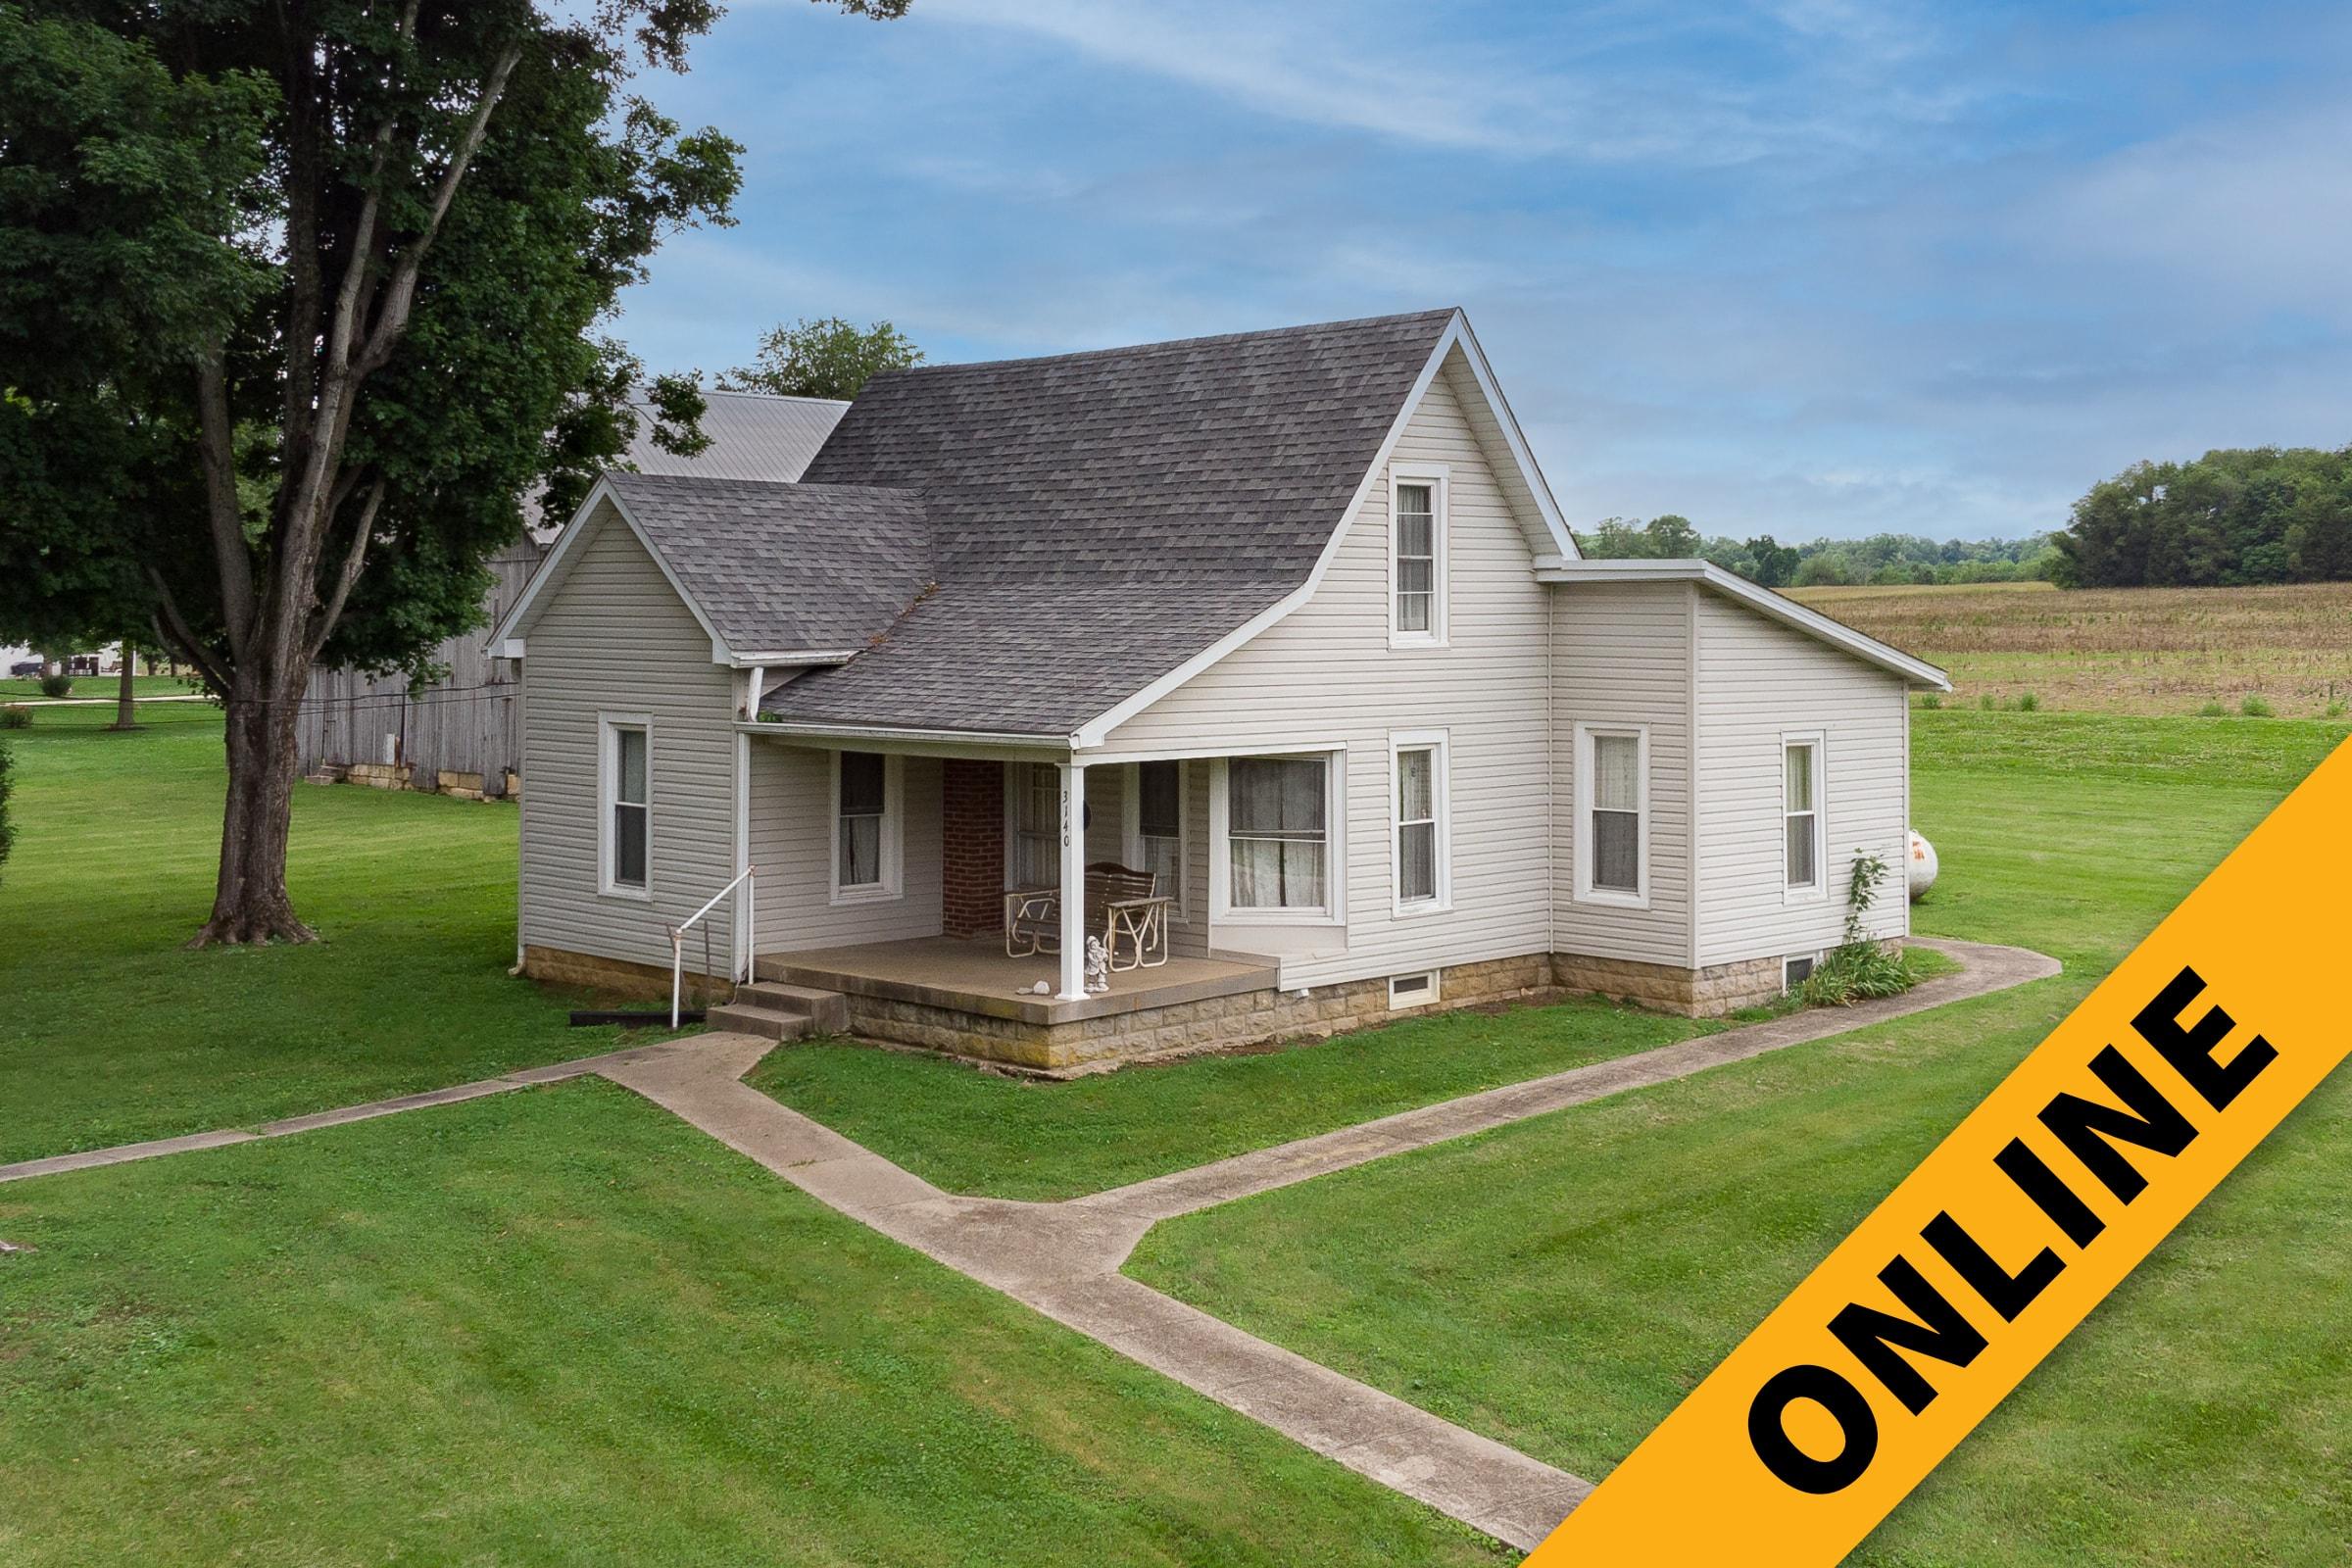 Harrison County Farmhouse Online Auction